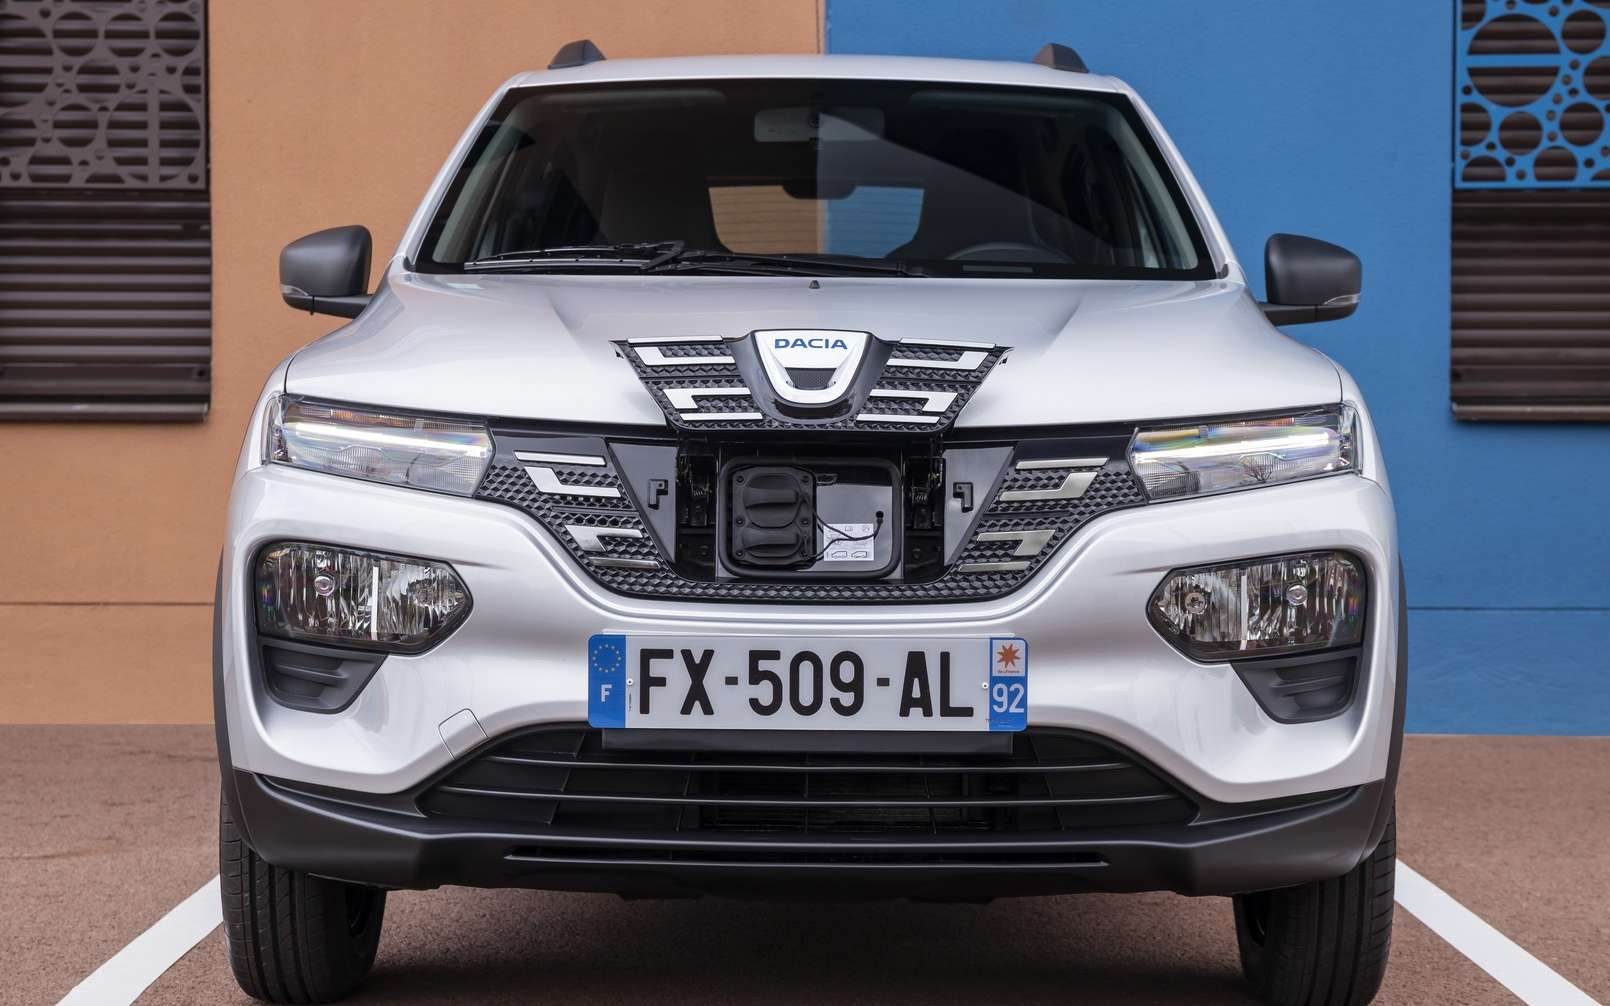 La Dacia Spring sera disponible à partir de cet automne. Les clients ayant précommandé la version Confort Plus se verront offrir l'équivalent de 2 000 km de recharge. © Renault